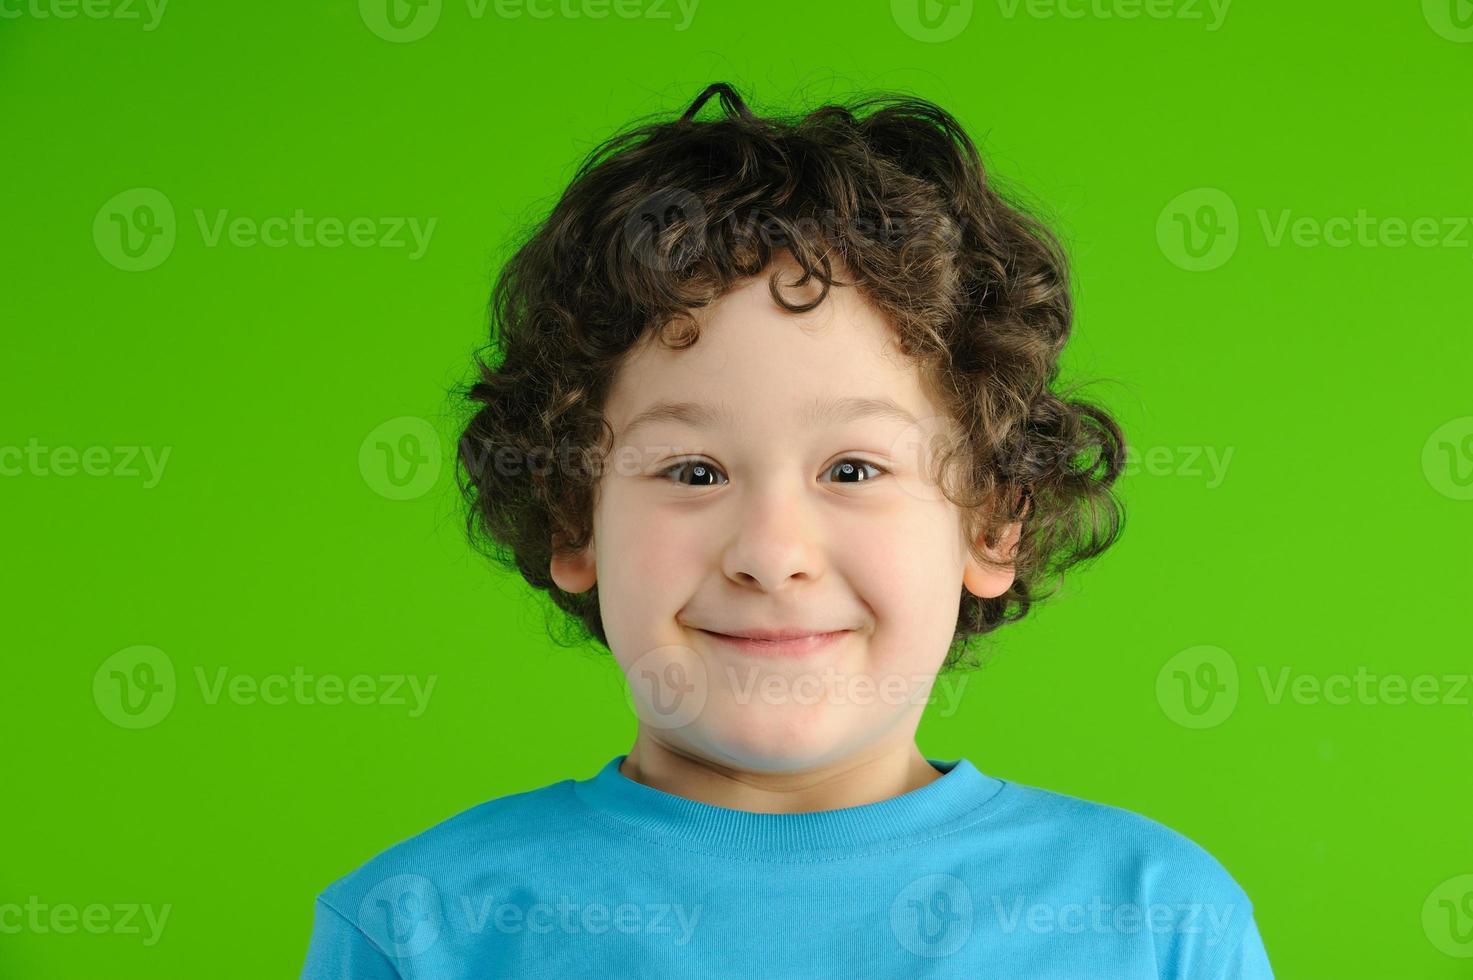 vrolijke jongen foto